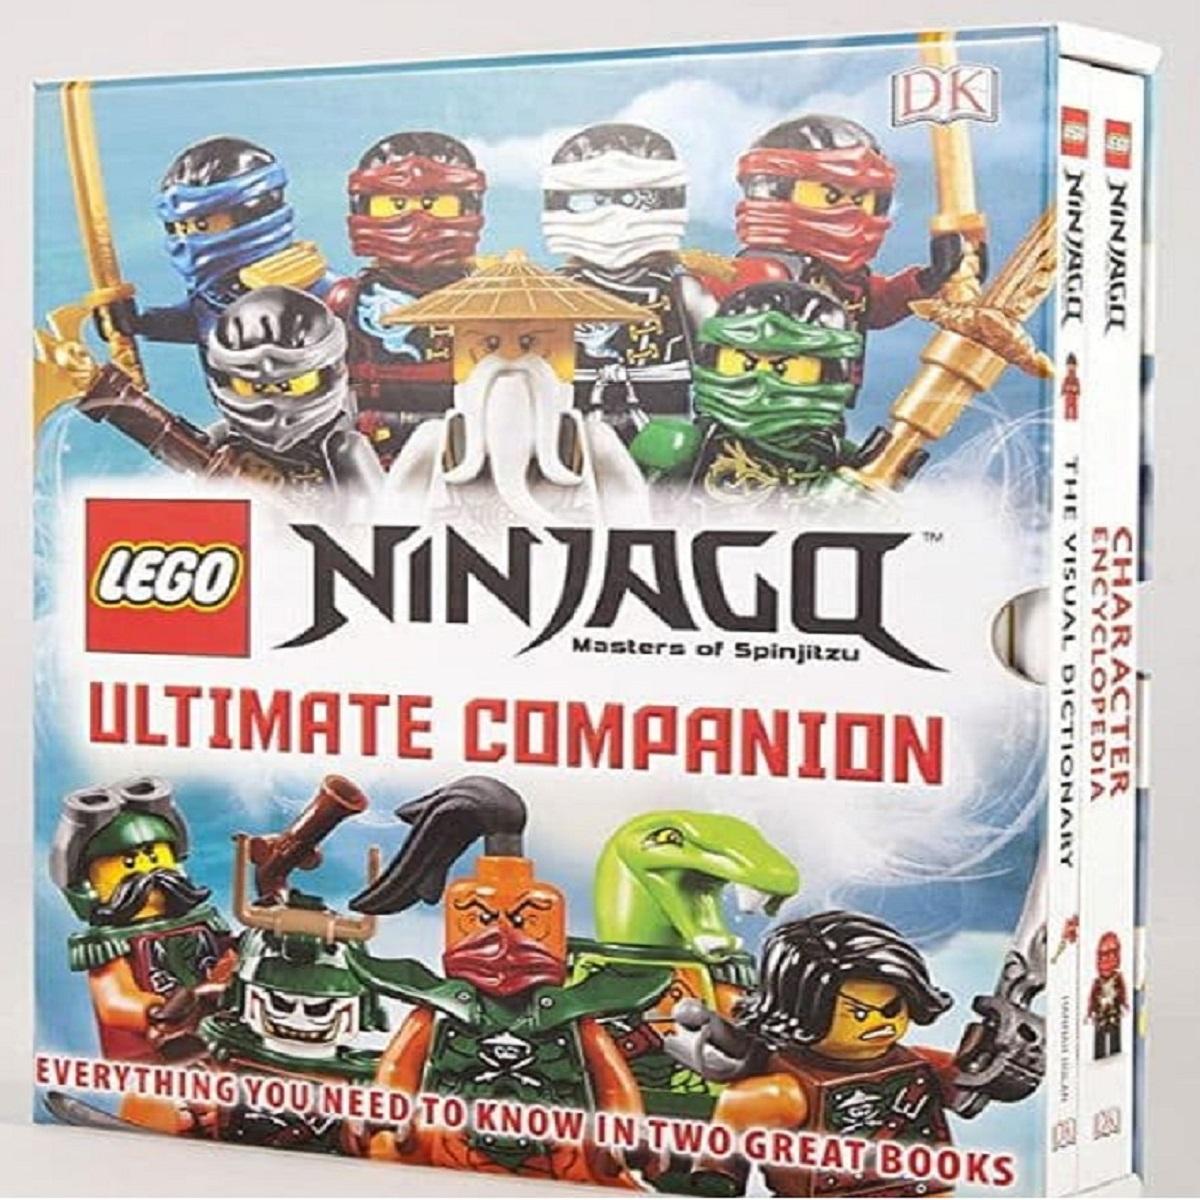 مجله LEGO NINJAGO ULTIMATE COMPANION دسامبر 2016 مجموعه ۲ جلدی